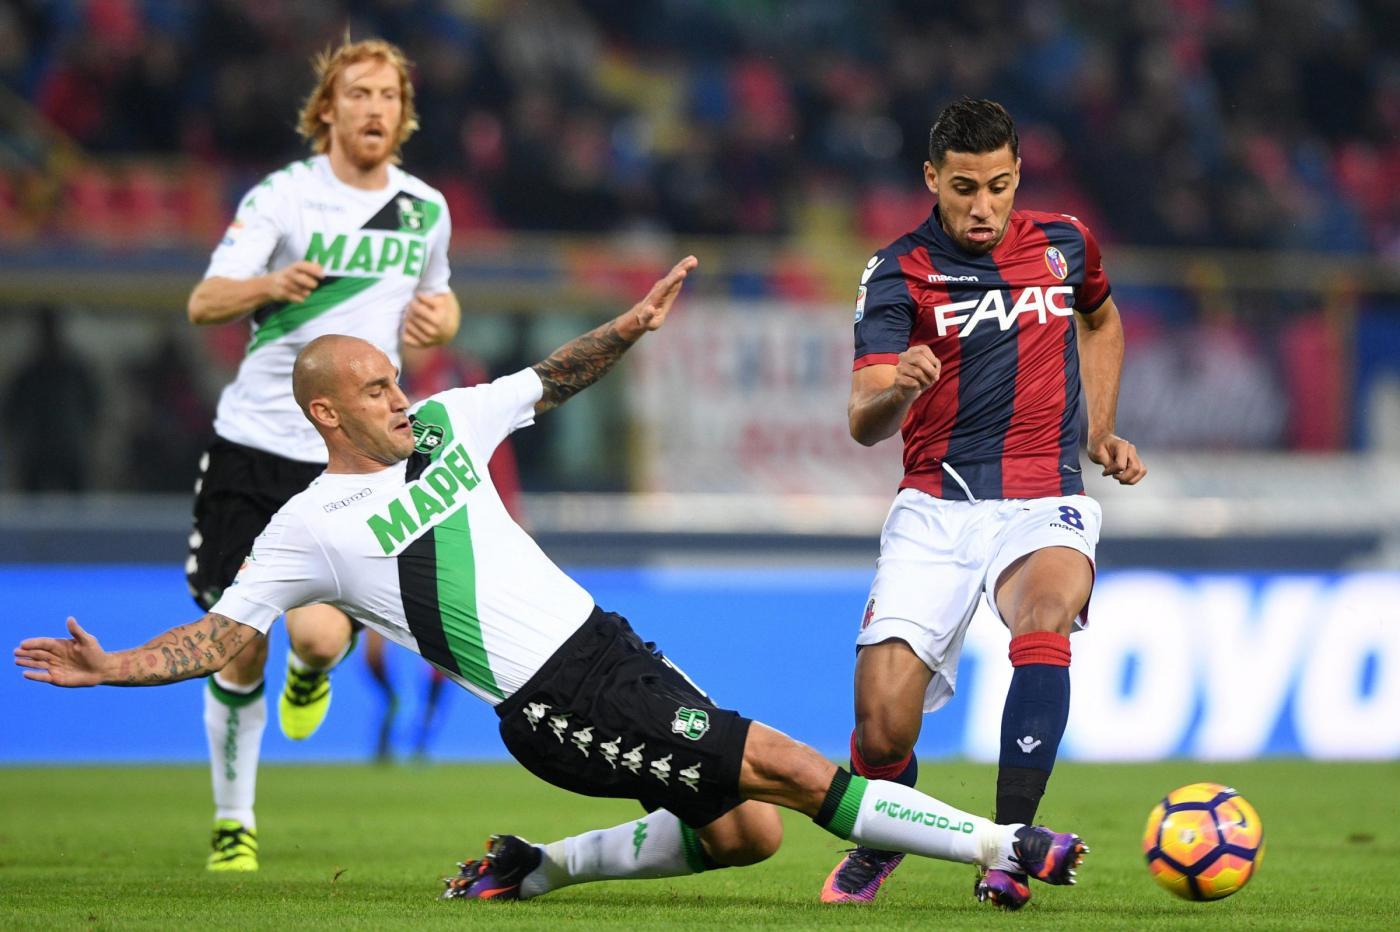 Cannavaro, tifosi del Napoli: non fate questo errore con Higuain